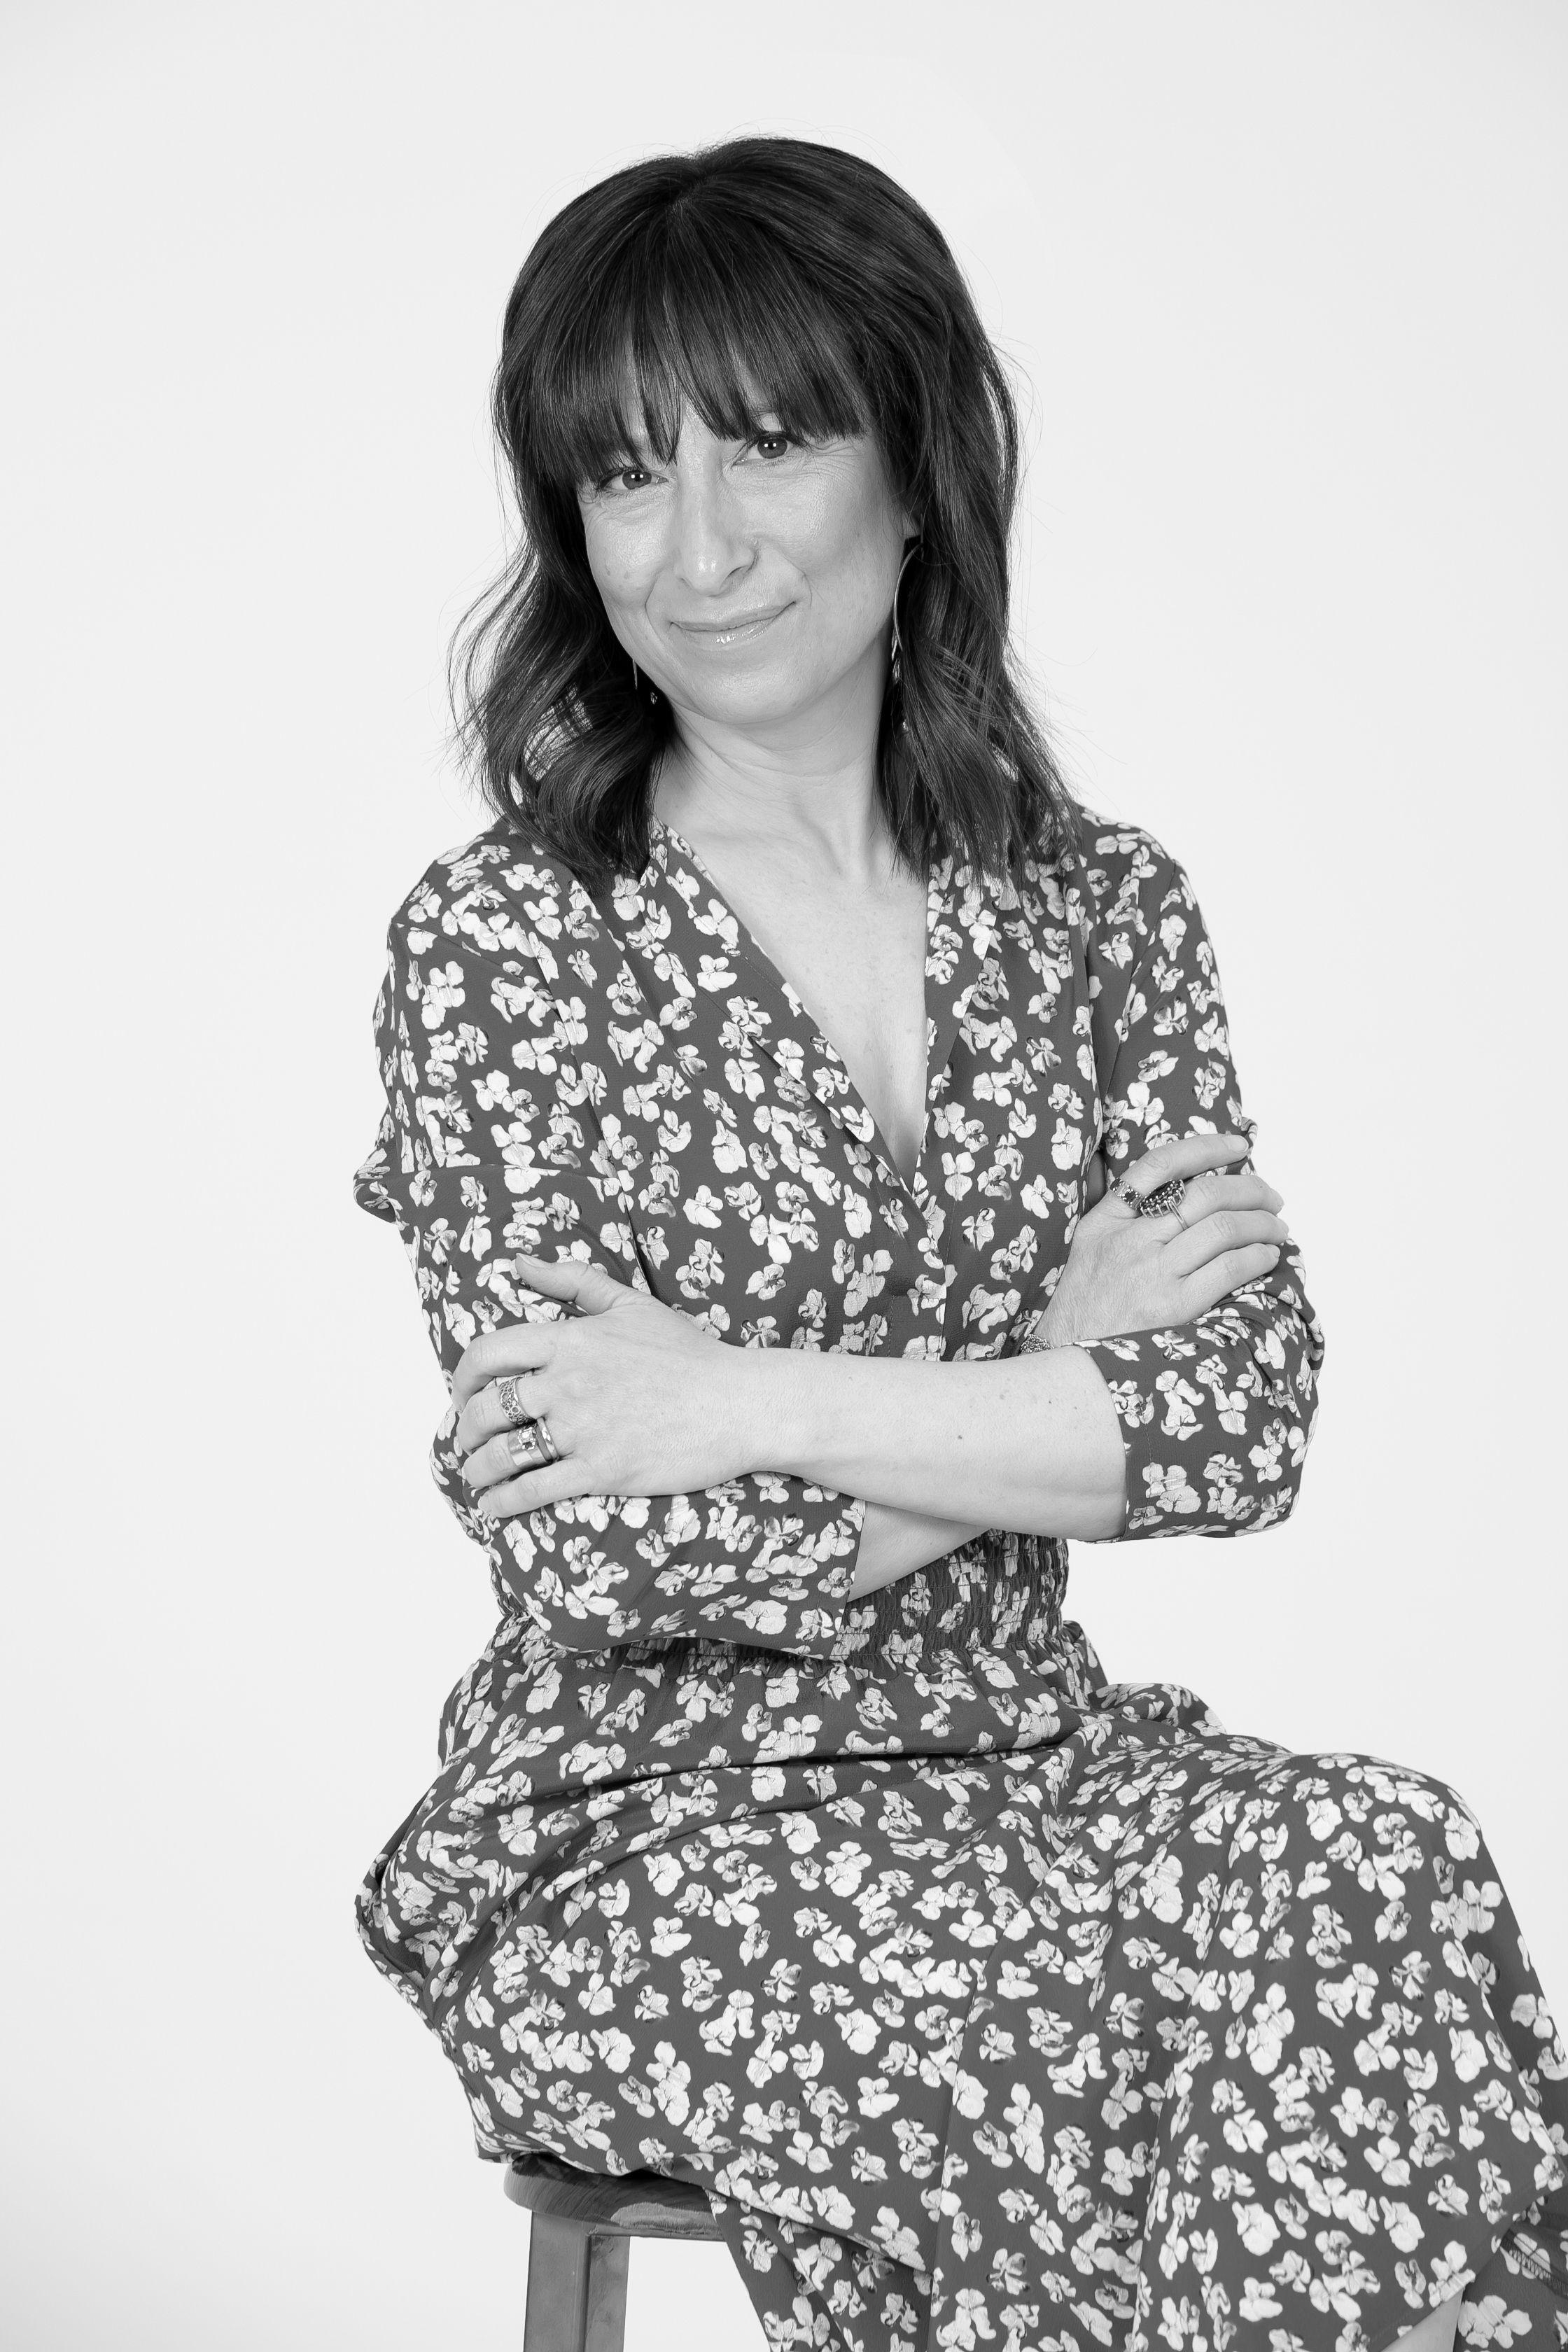 Jessica Witenberg